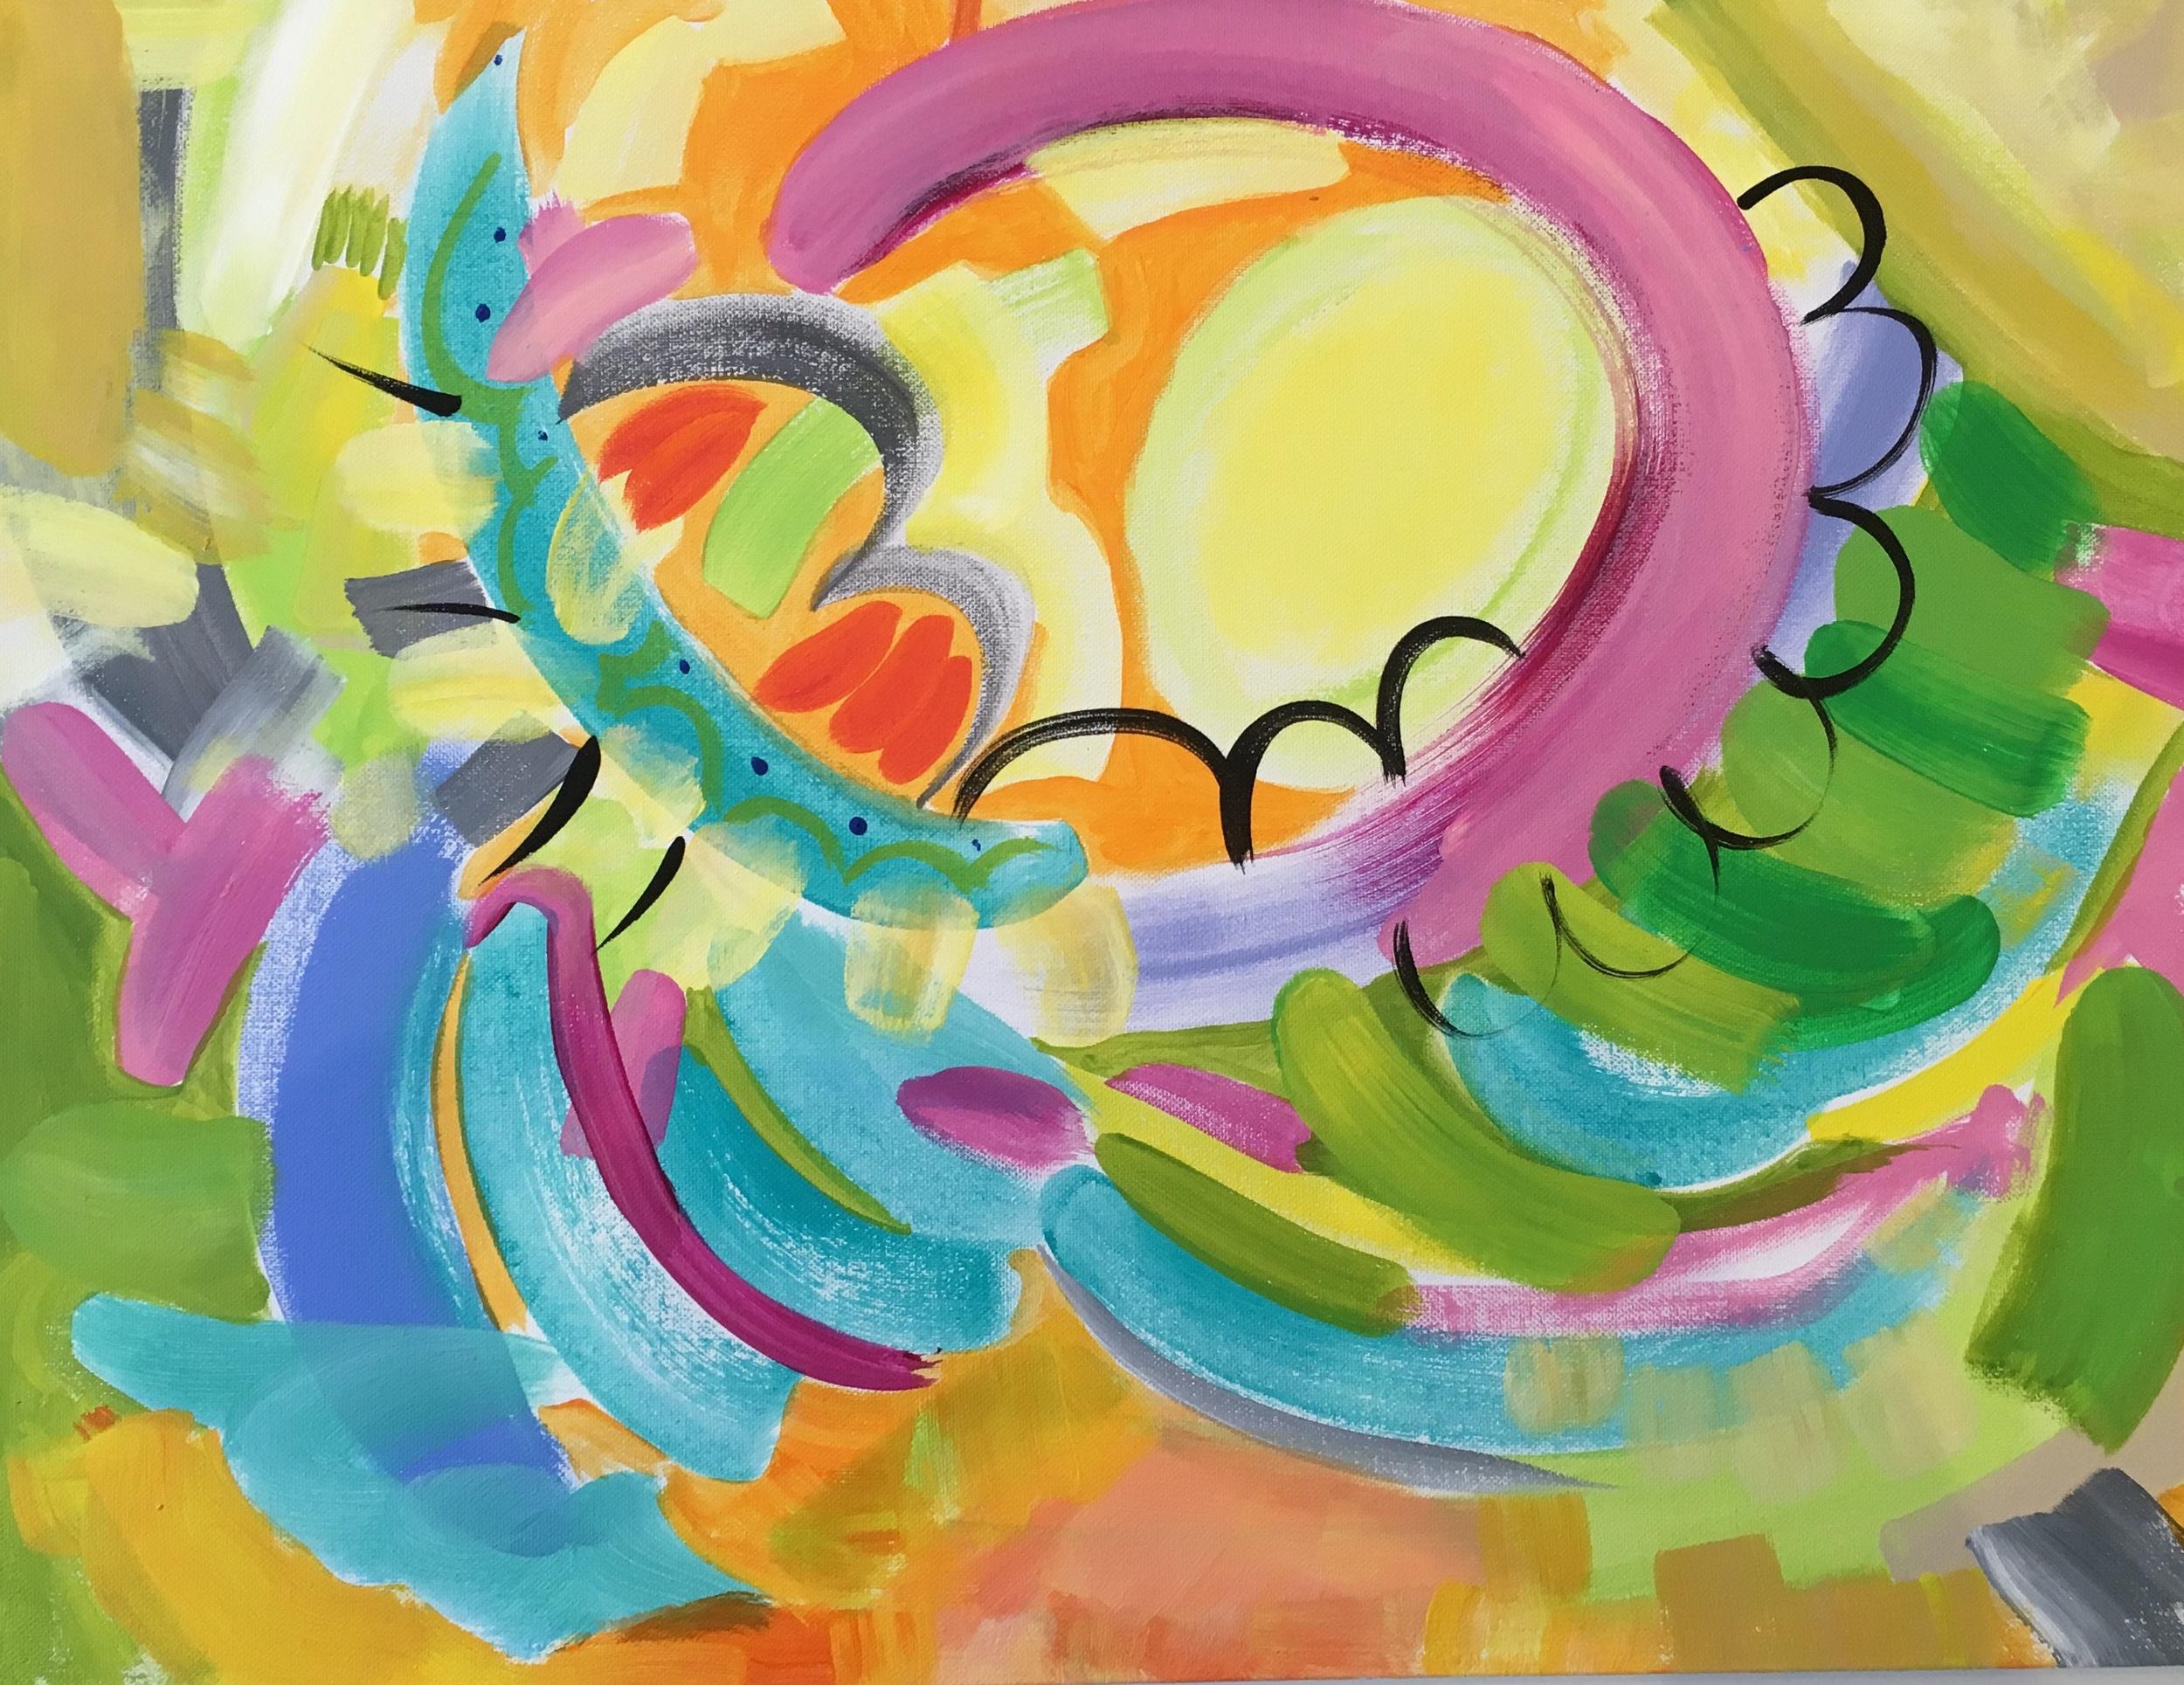 """Whip Up A Hurricane Of Joy, 24 x 18"""", Acrylic on Canvas"""